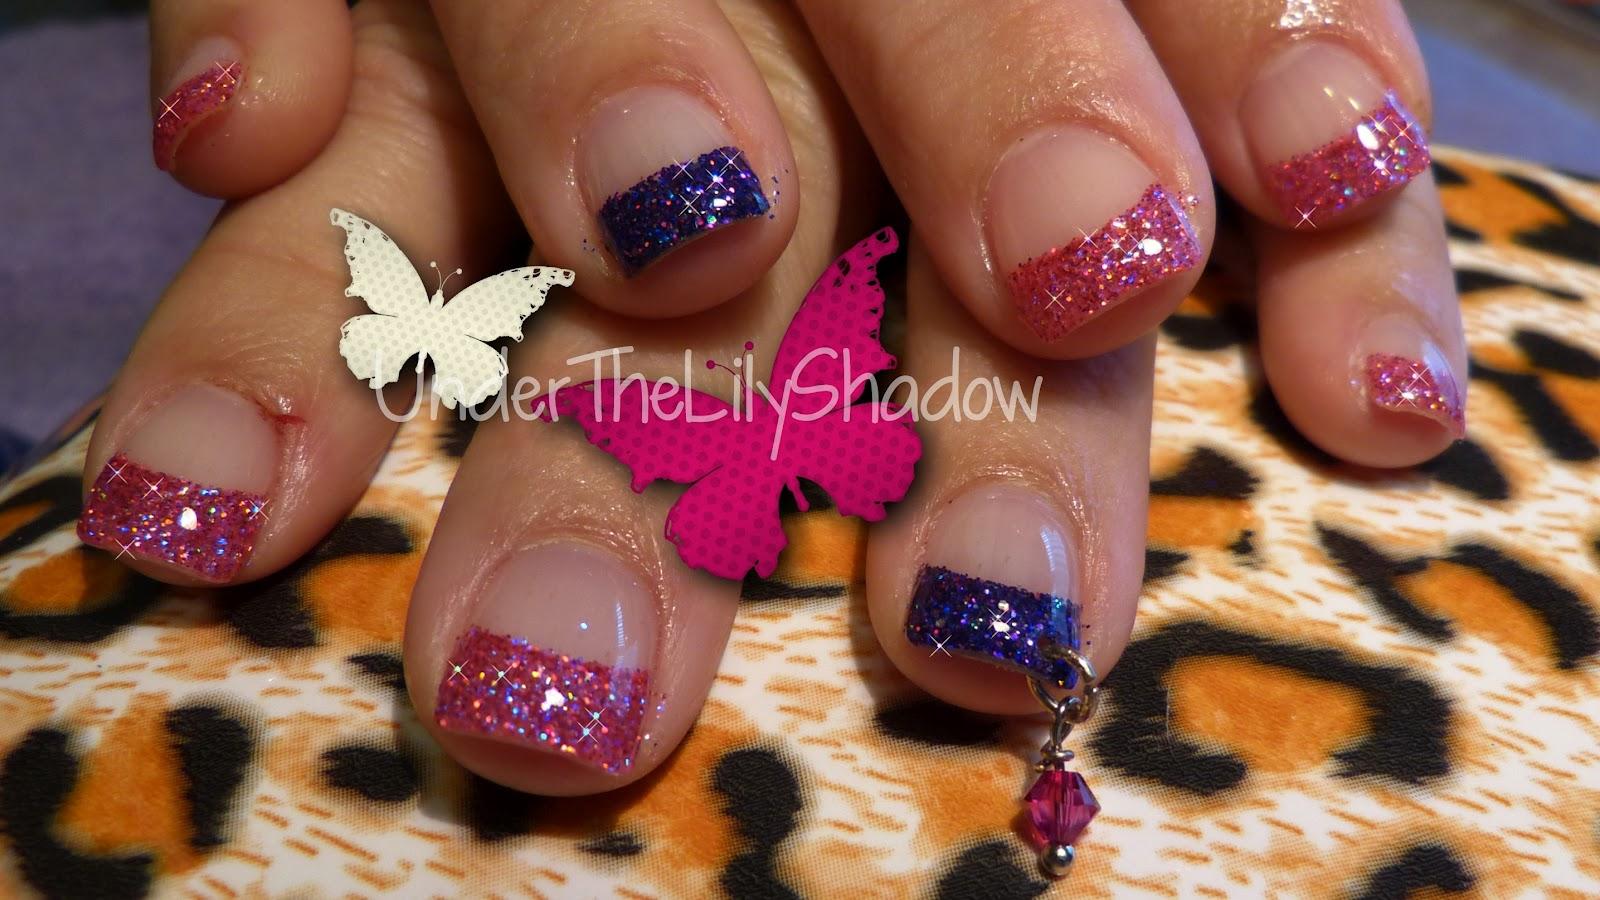 underthelilyshadow: Nicki Minaj Nail Art